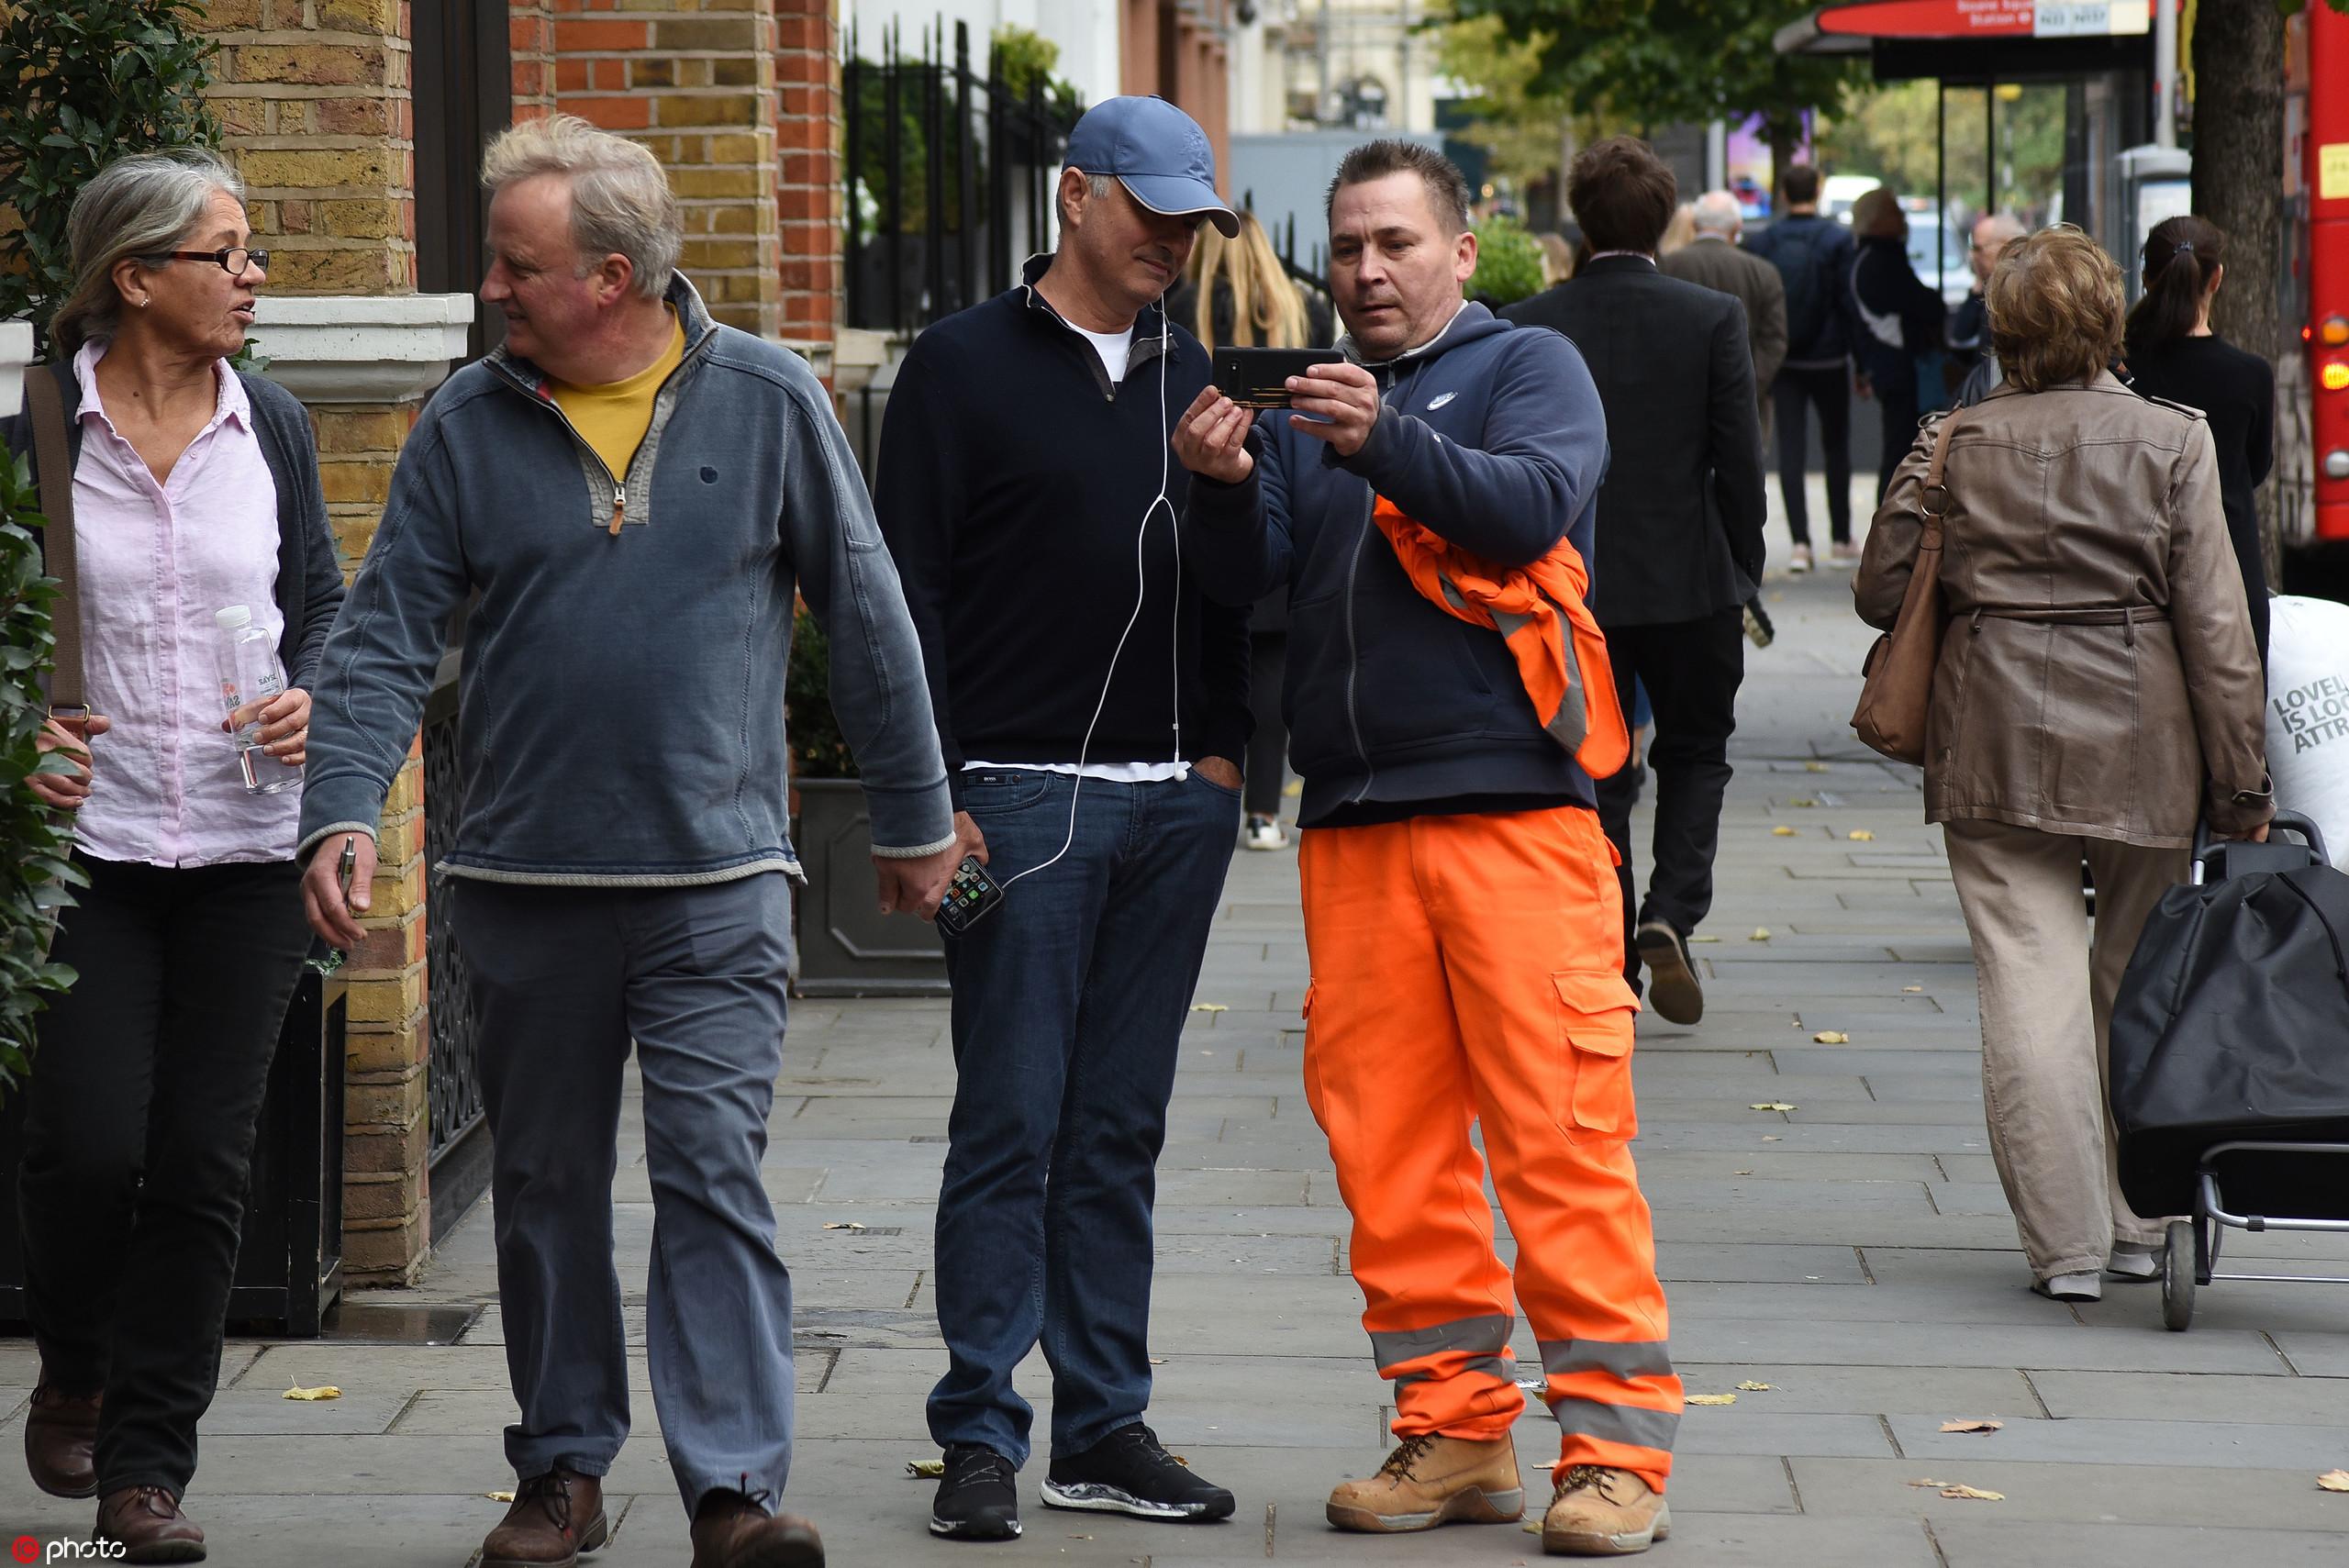 多图流:穆里尼奥漫步伦敦街头,被球迷认出索要合影  足球话题区